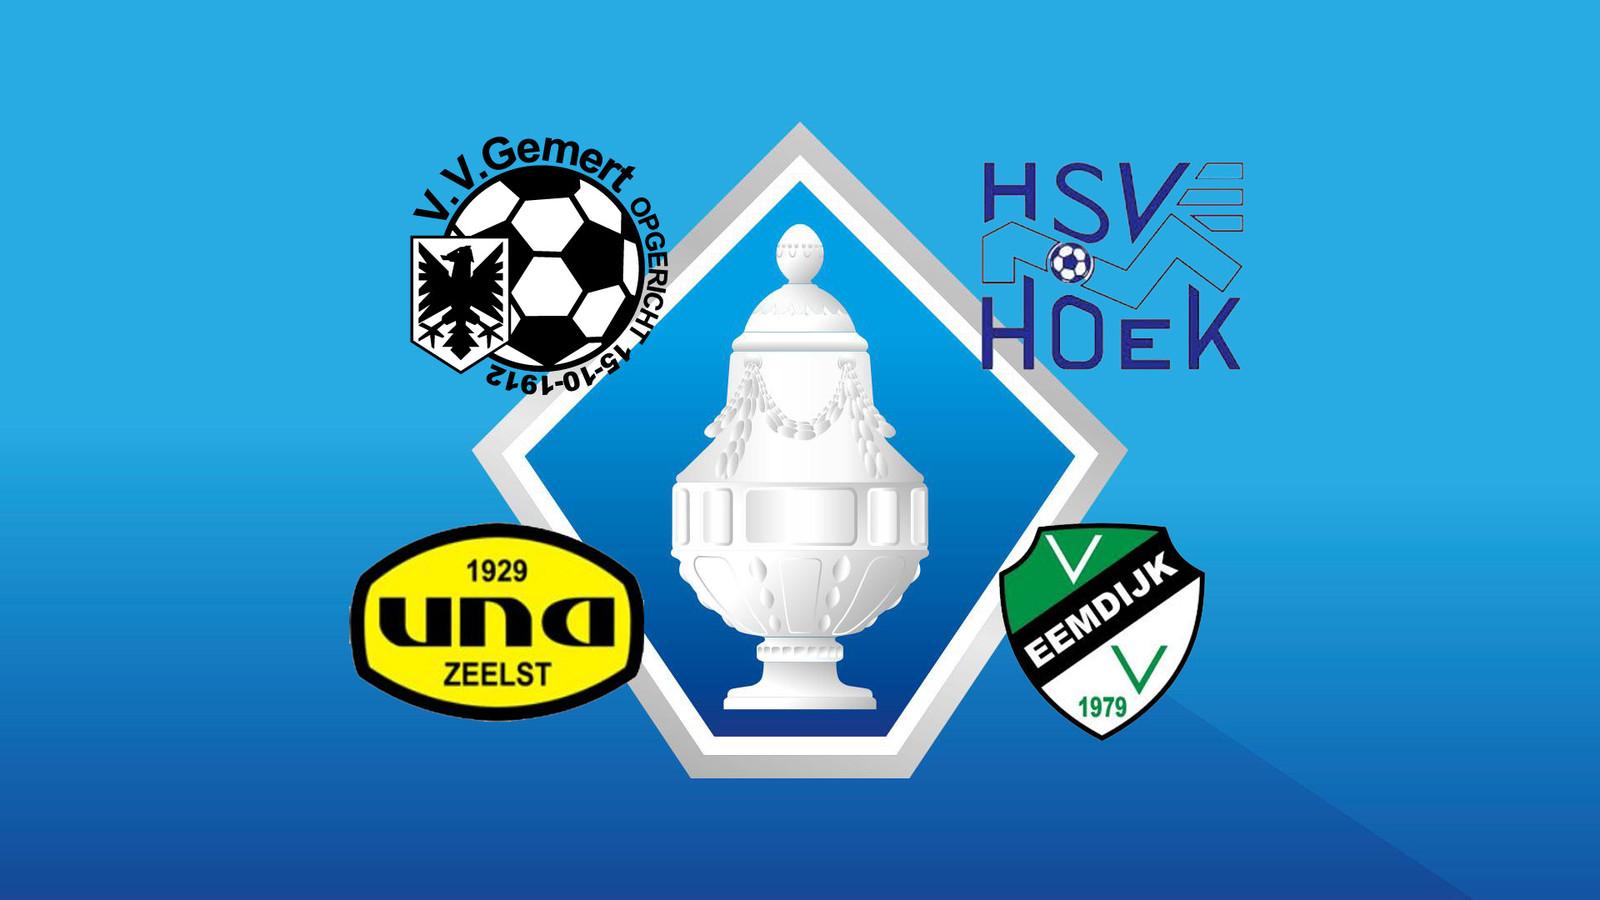 Gemert - Hoek en UNA - Eemdijk